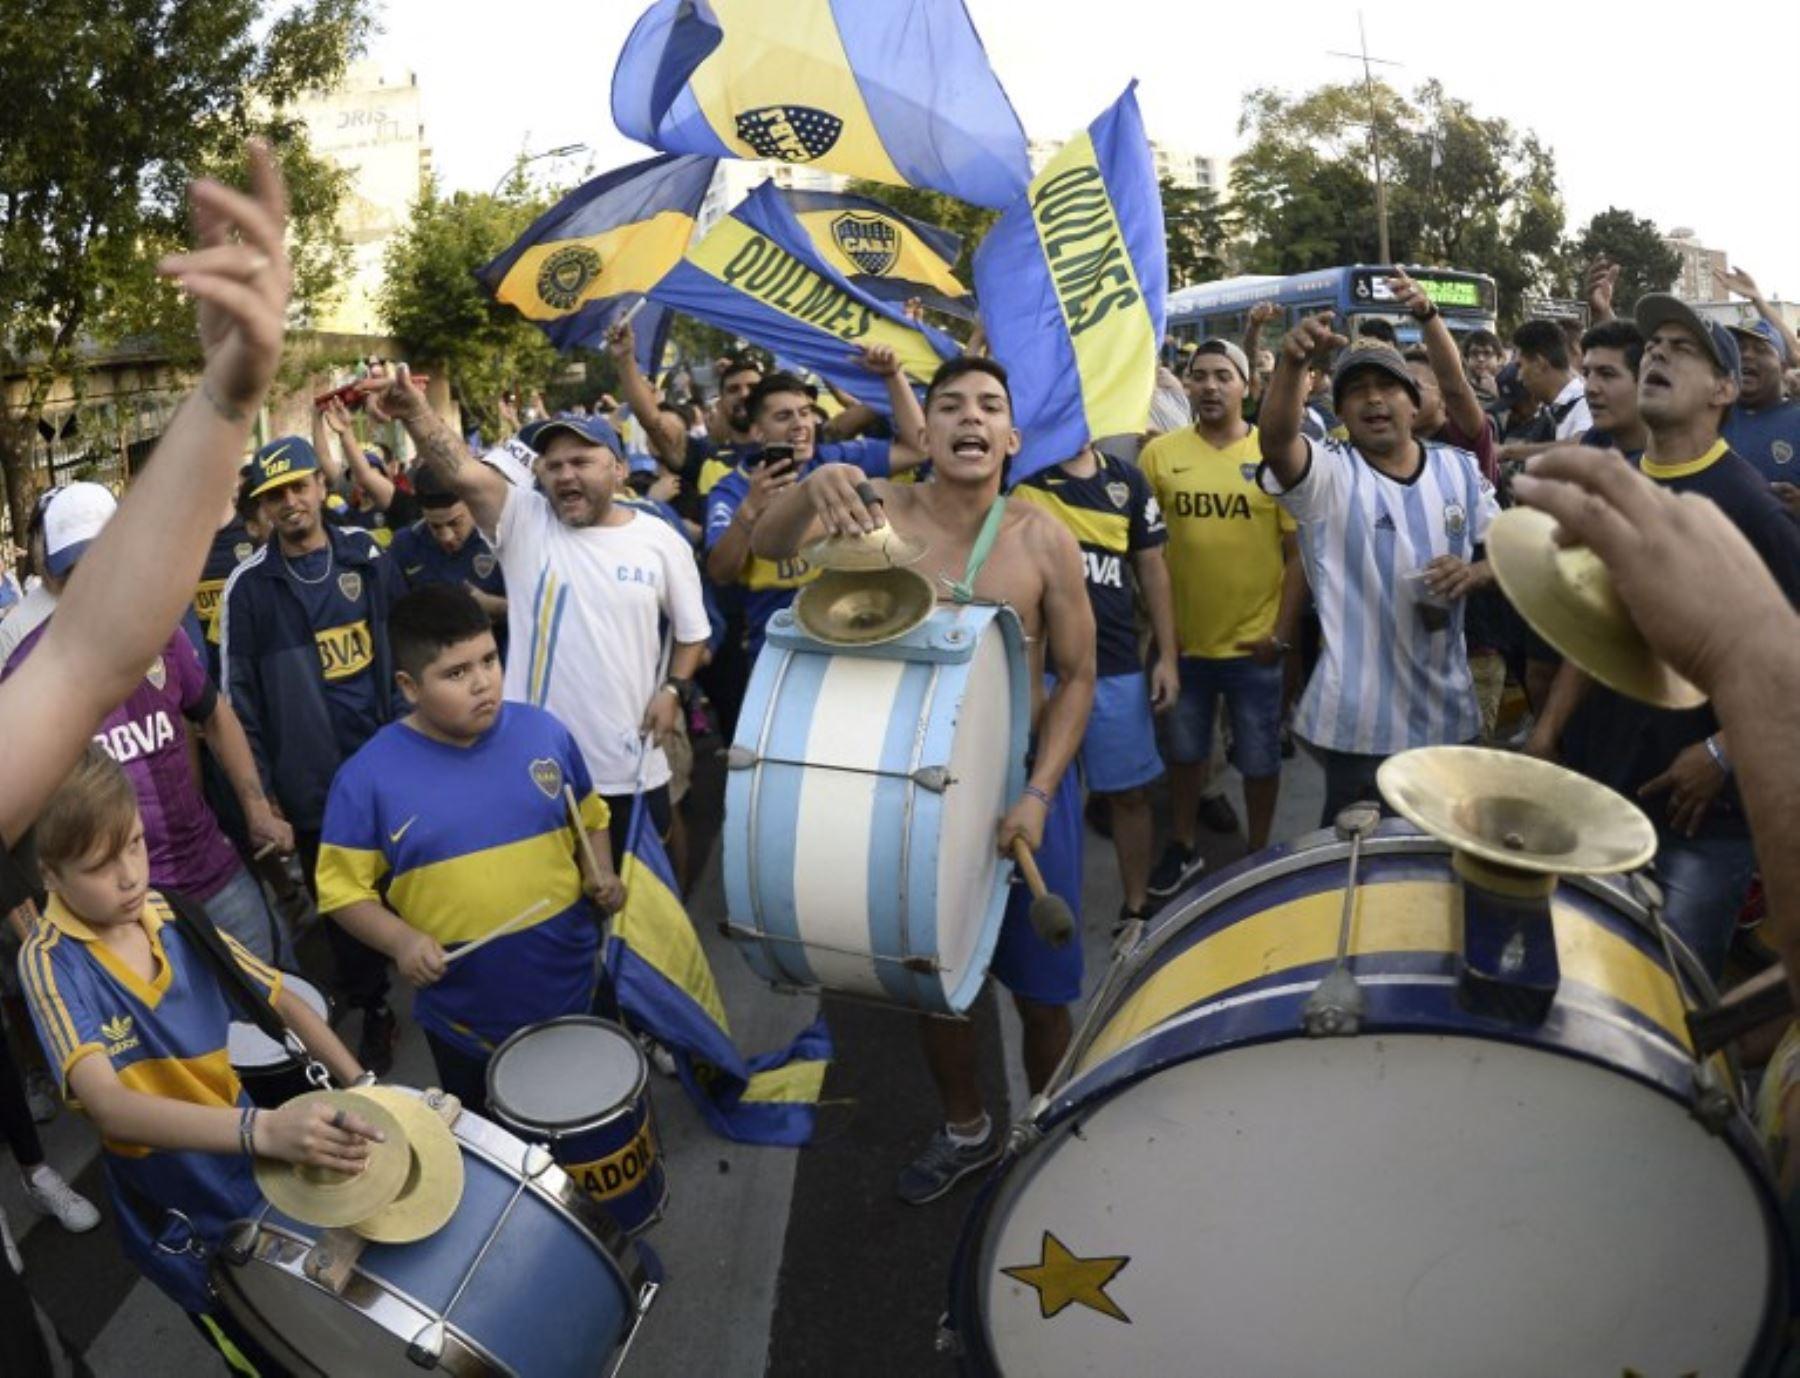 La policía española mantiene una constante vigilancia sobre los barristas del Boca Juniors y River Plate